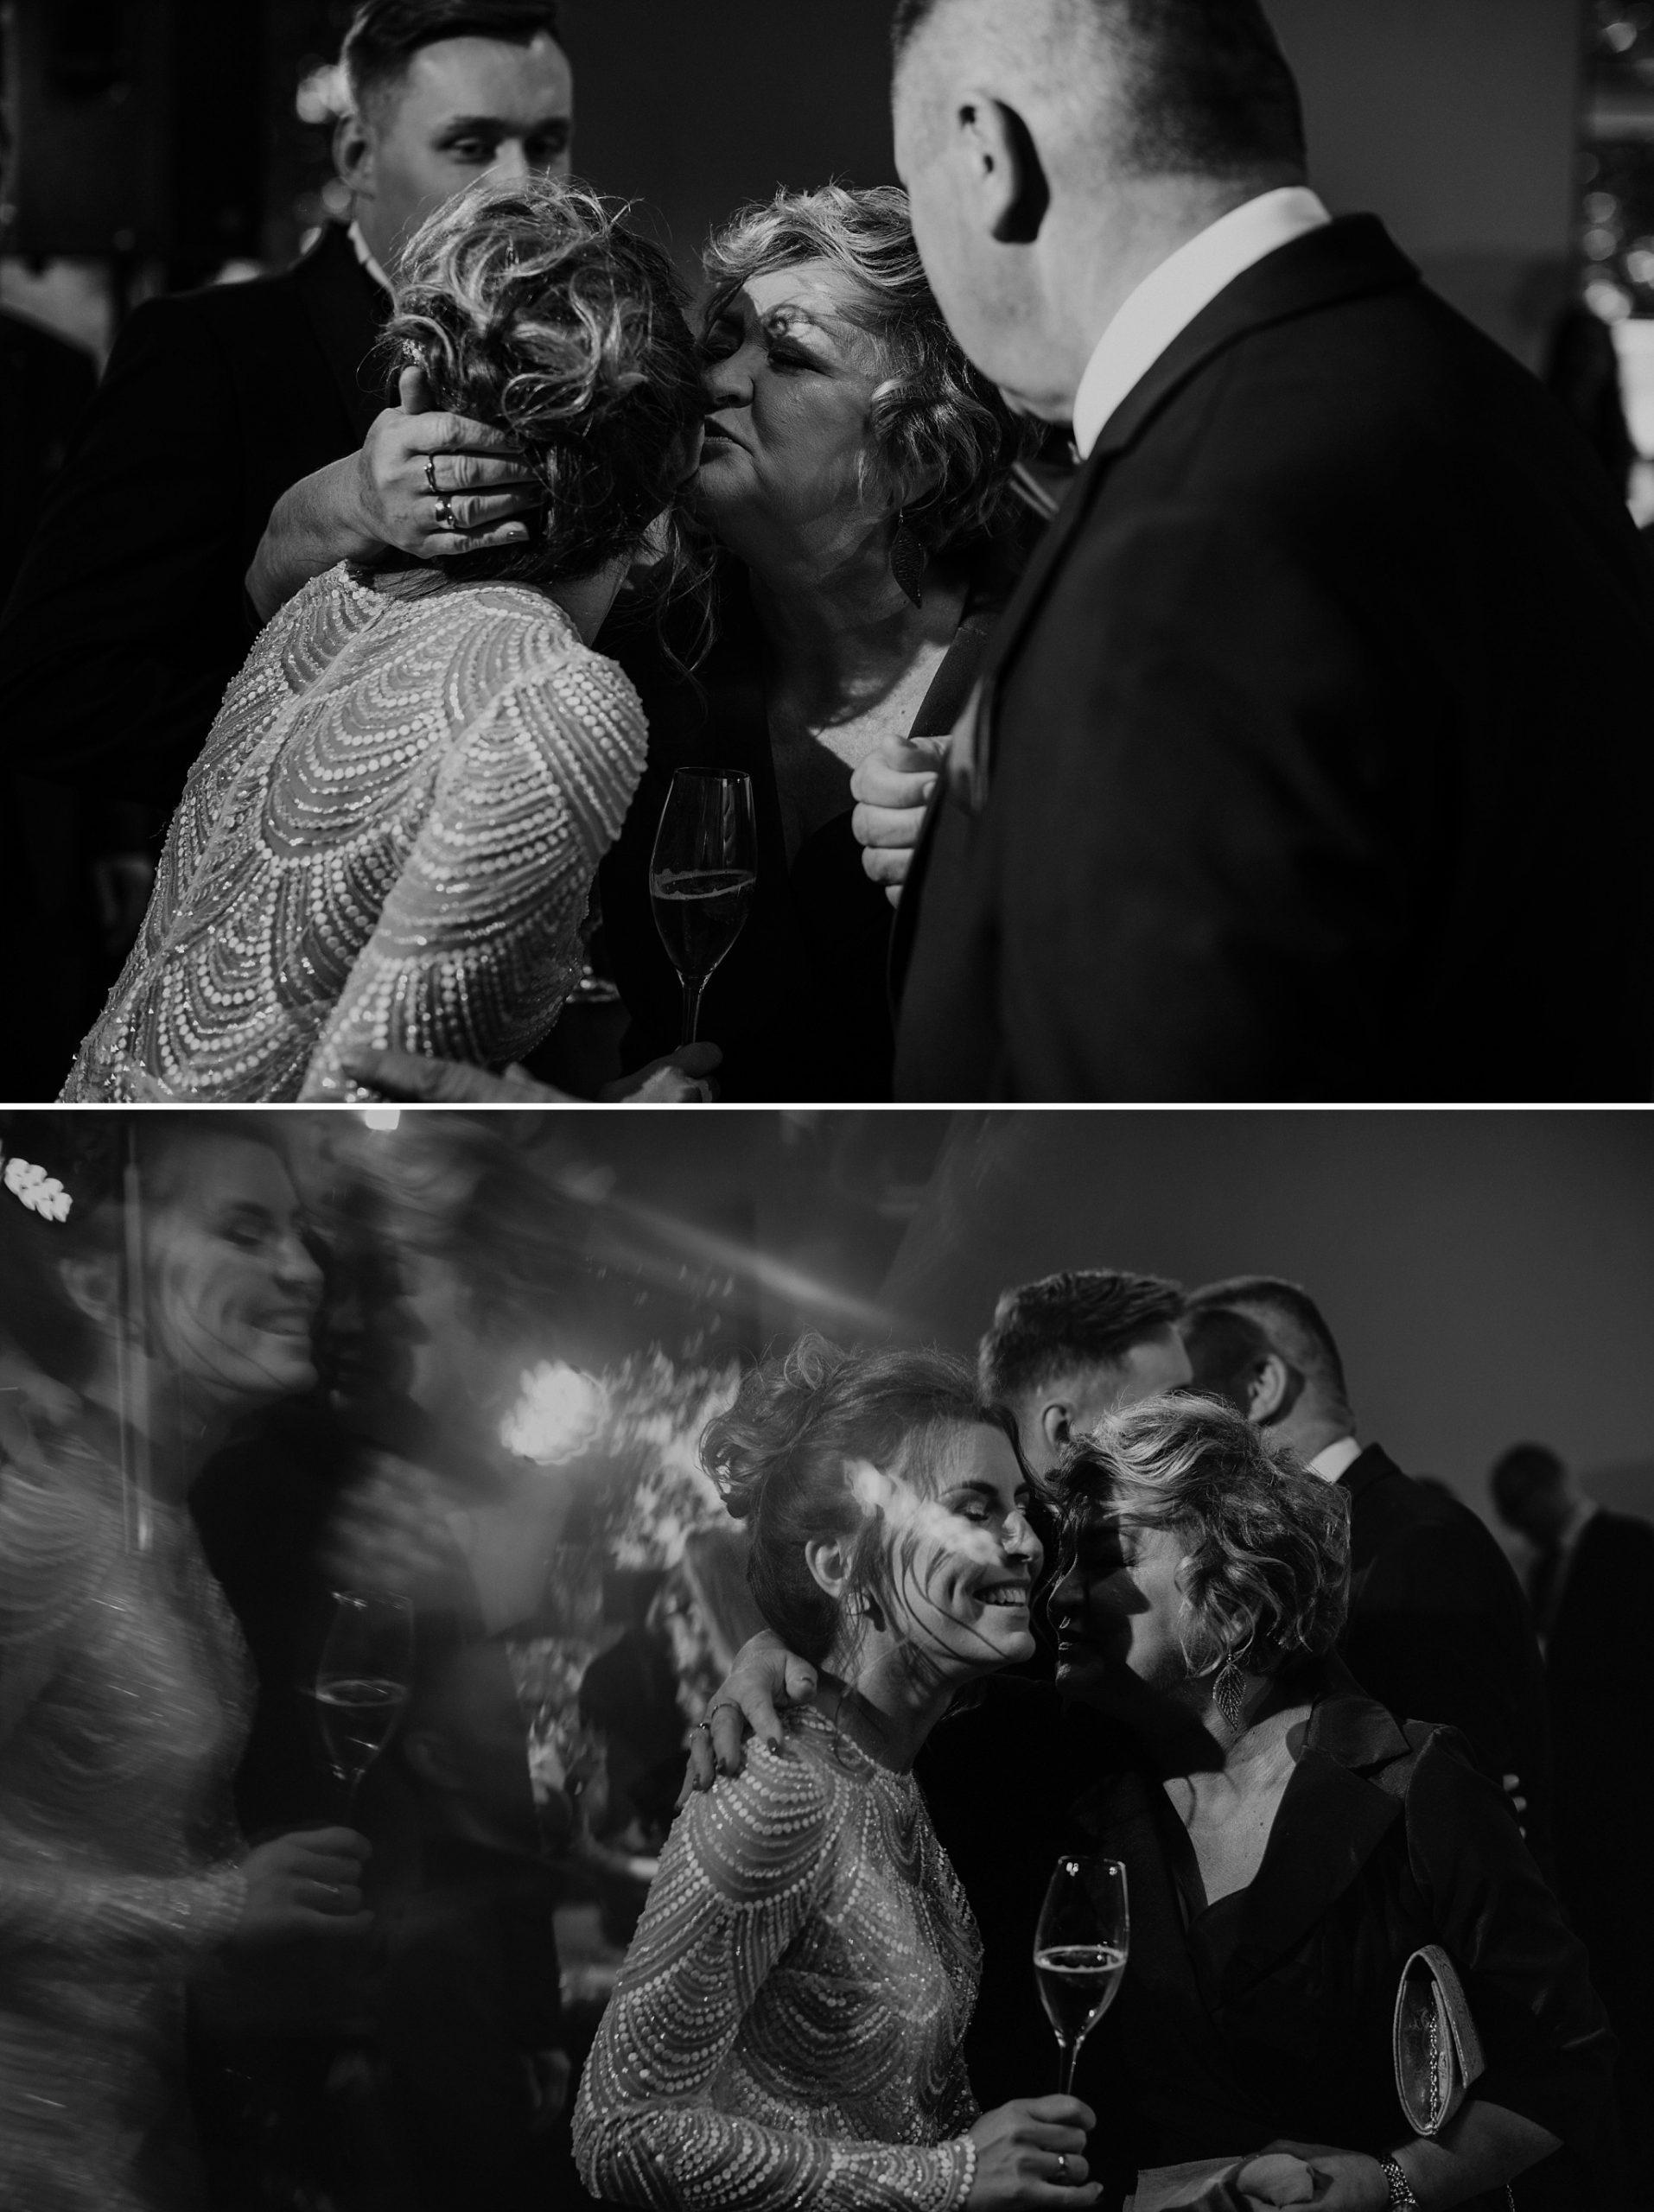 fotograf poznan wesele dobra truskawka piekne wesele pod poznaniem wesele w dobrej truskawce piekna para mloda slub marzen slub koronawirus slub listopad wesele koronawirus 286 scaled